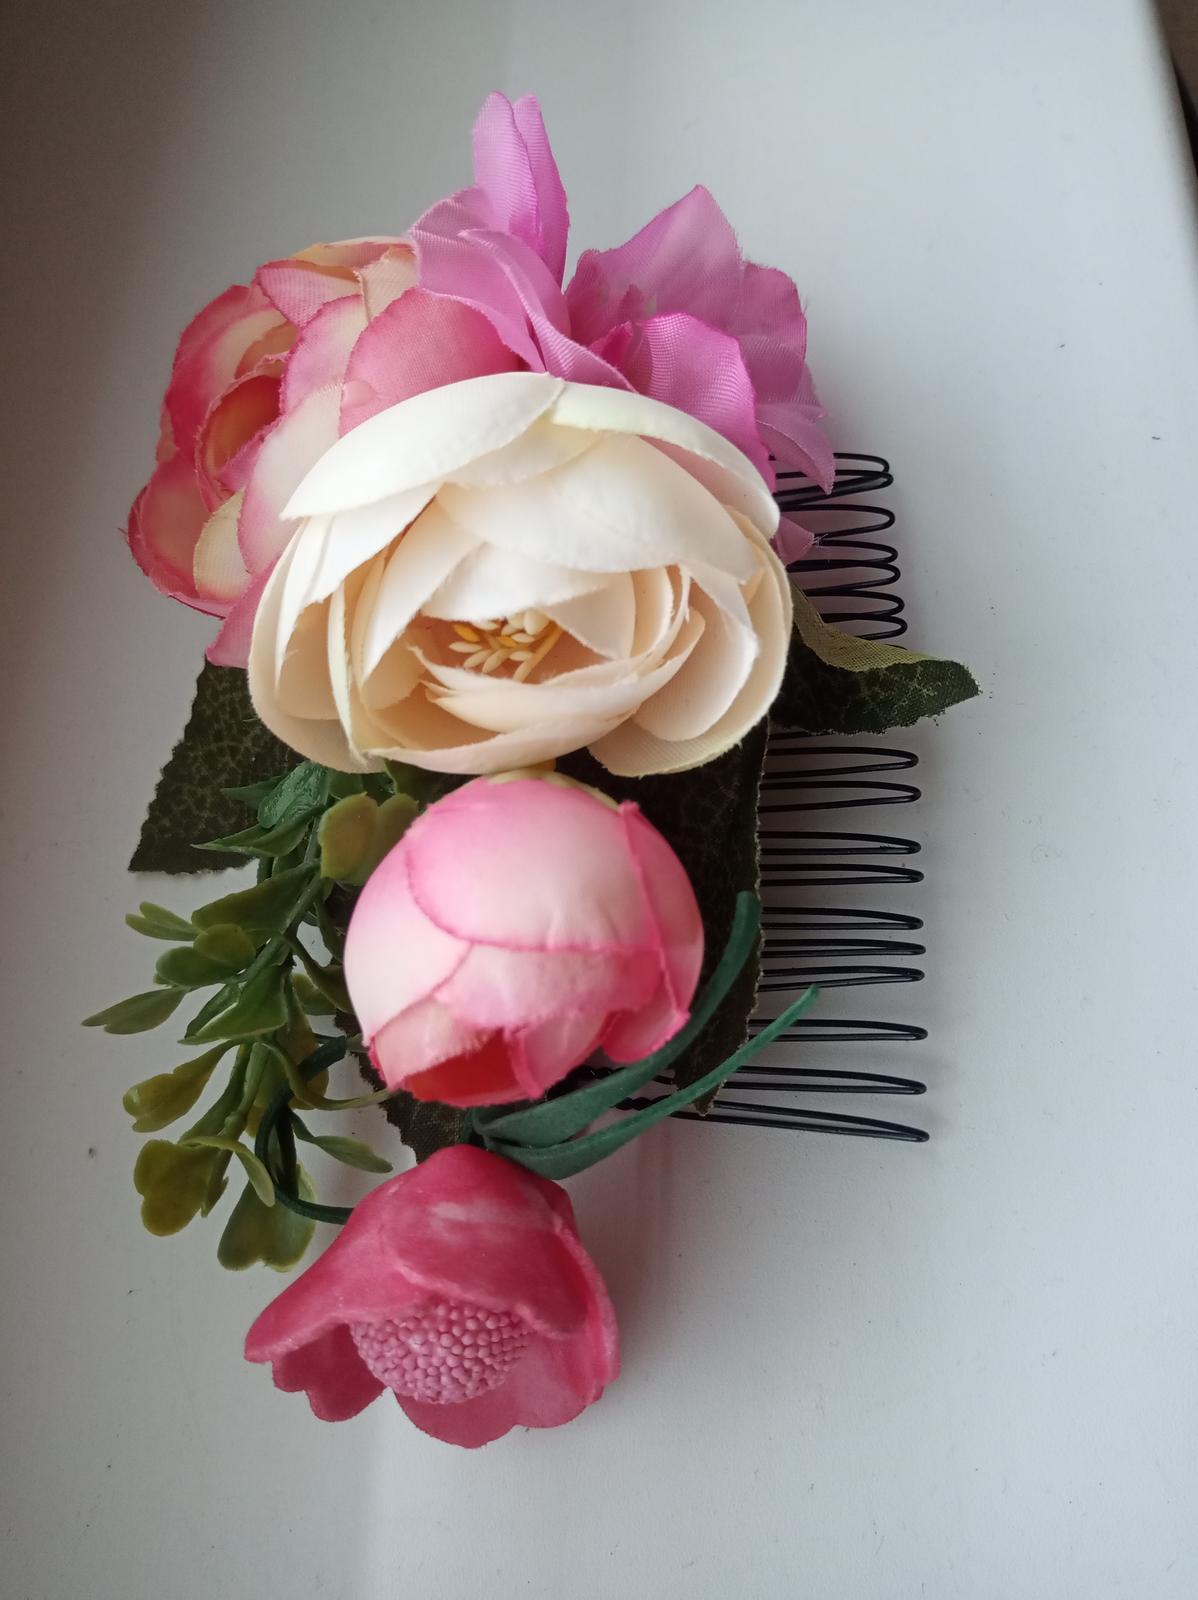 Hrebienok do vlasov s kvetmi - Obrázok č. 2